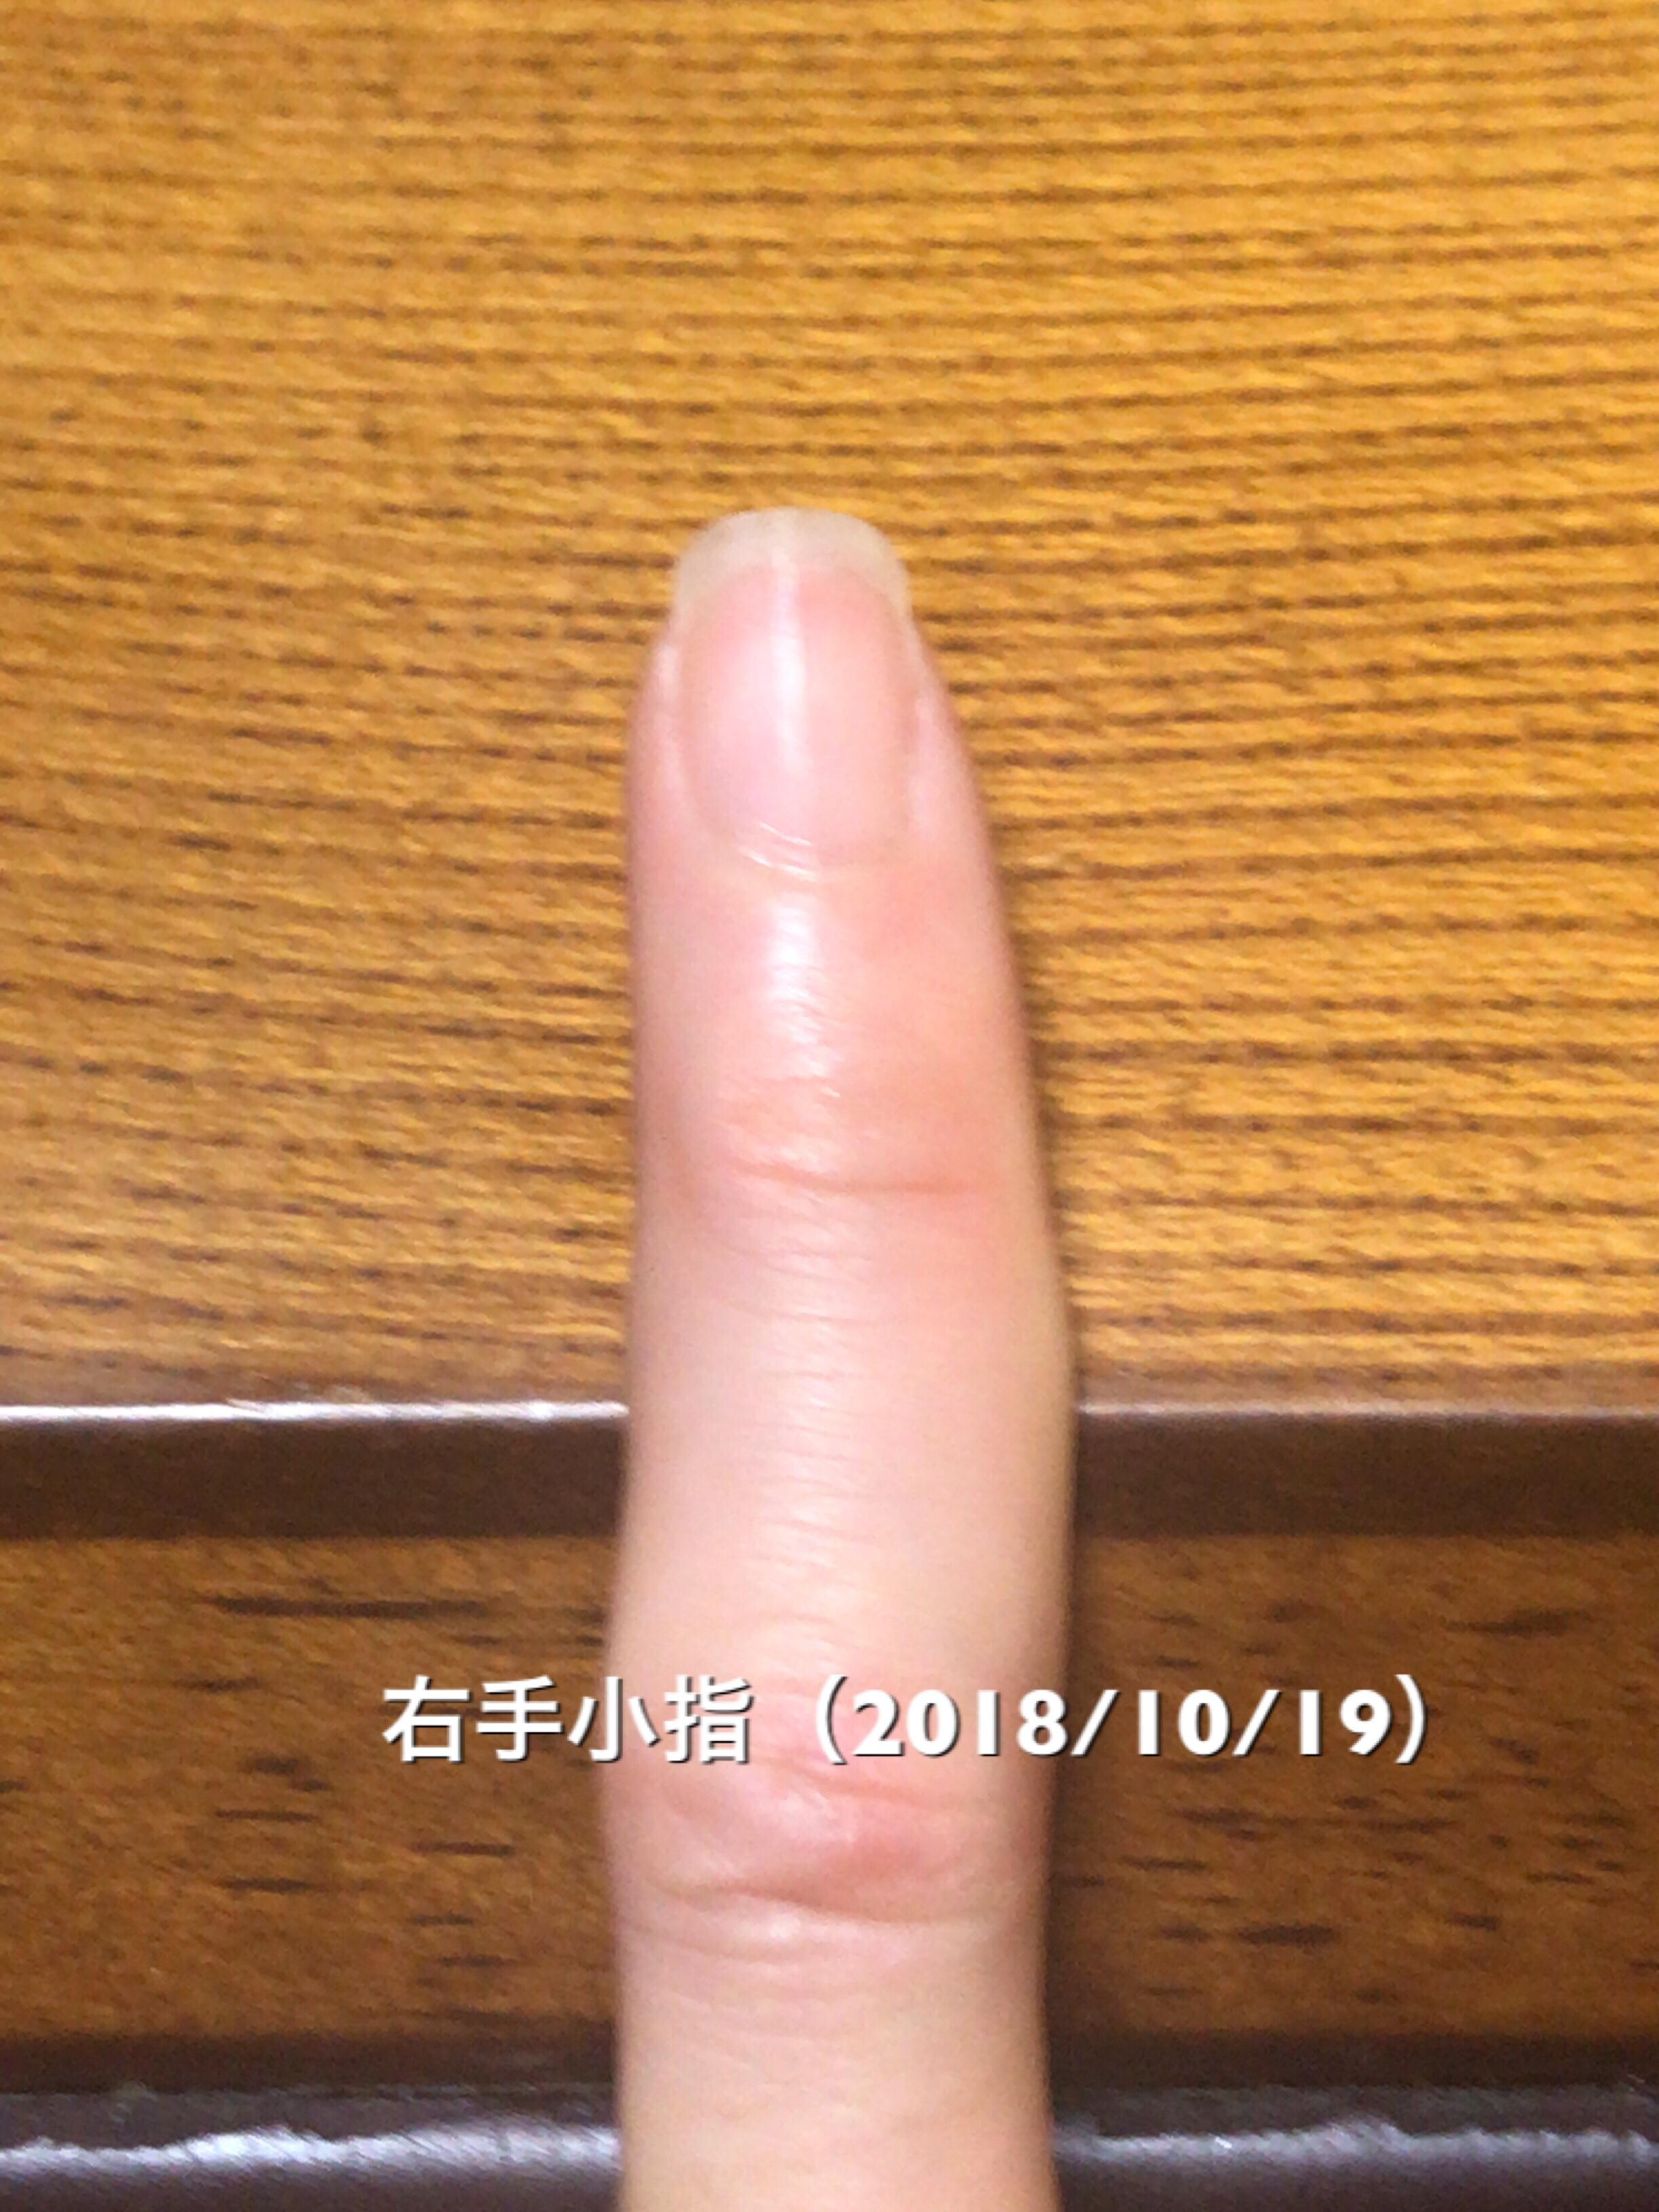 小指はかなり理想的な縦長になりつつあります。うまくうつせていませんが、ハイポニキウムも順調な成長。小指、薬指あたりをモデルケースに他の指の爪の形成を頑張っていきたいところです。という写真